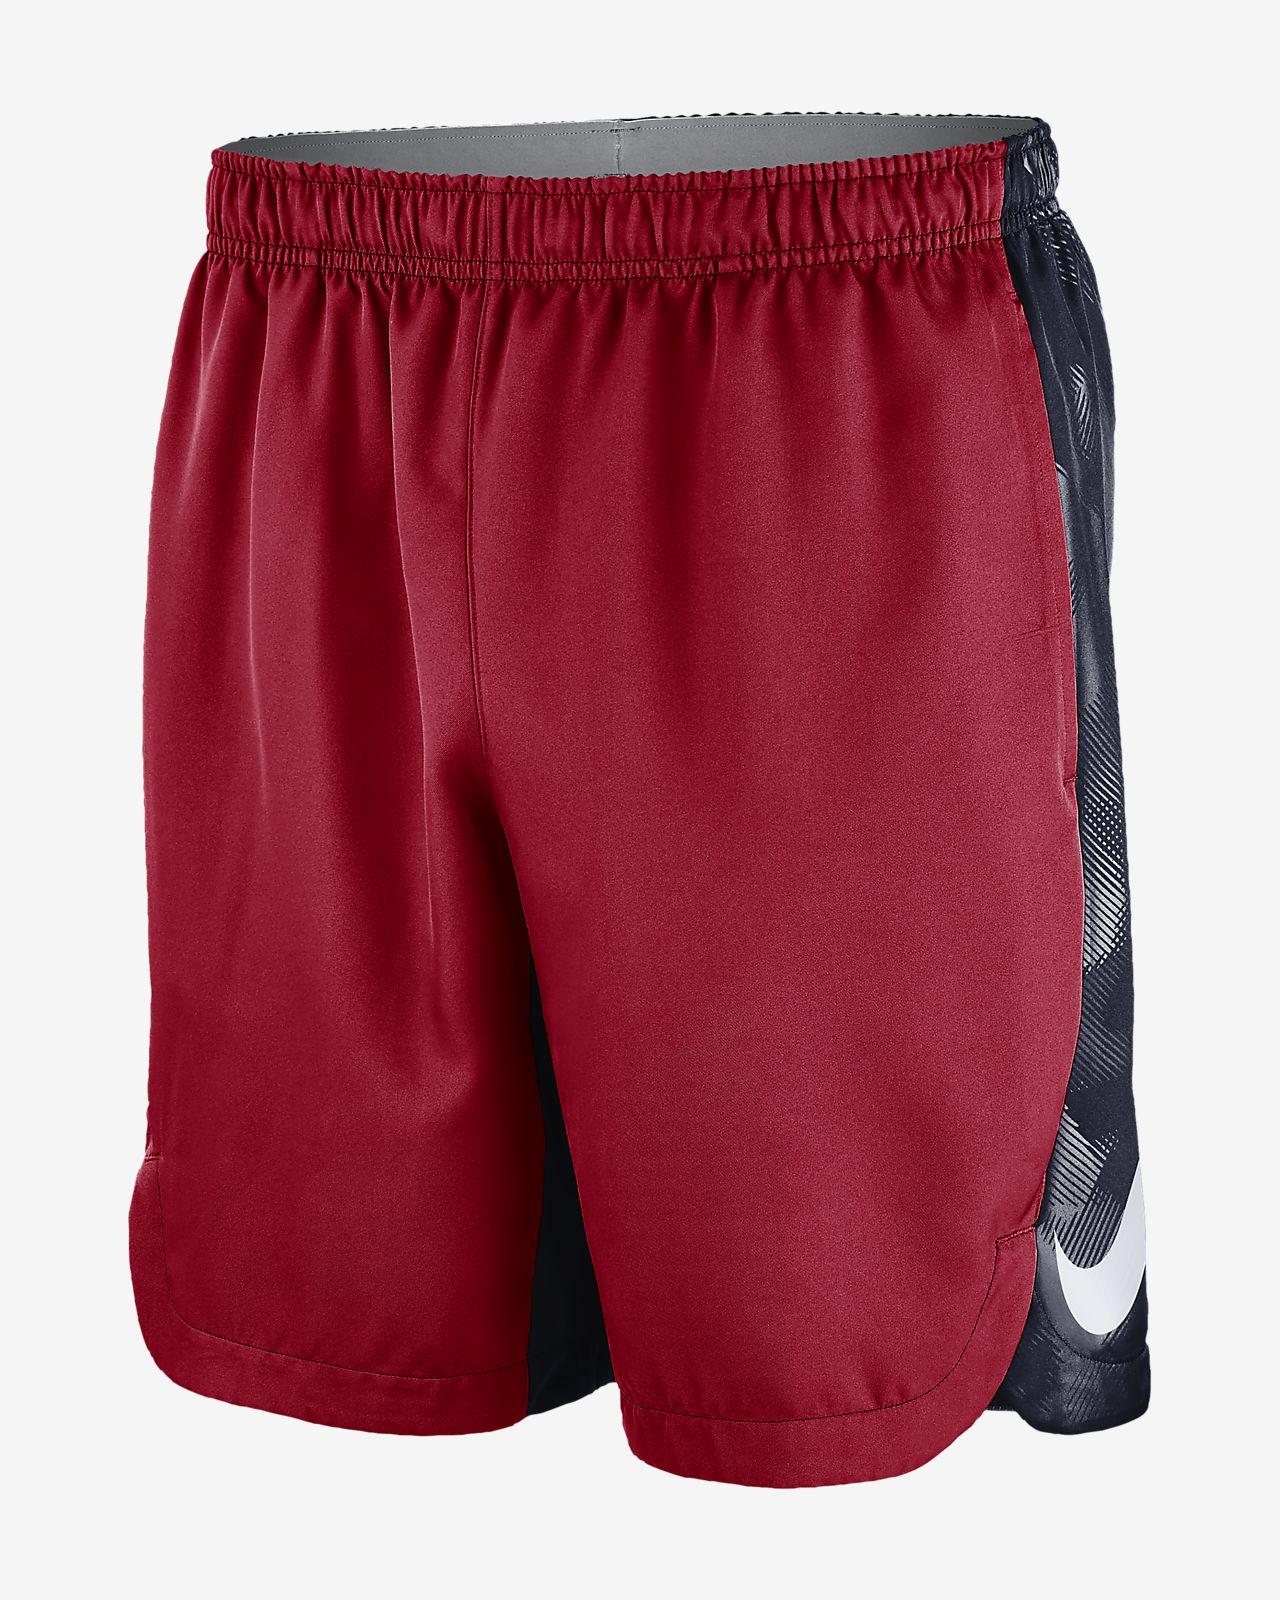 Nike Dri-FIT (MLB Twins) Men's Shorts